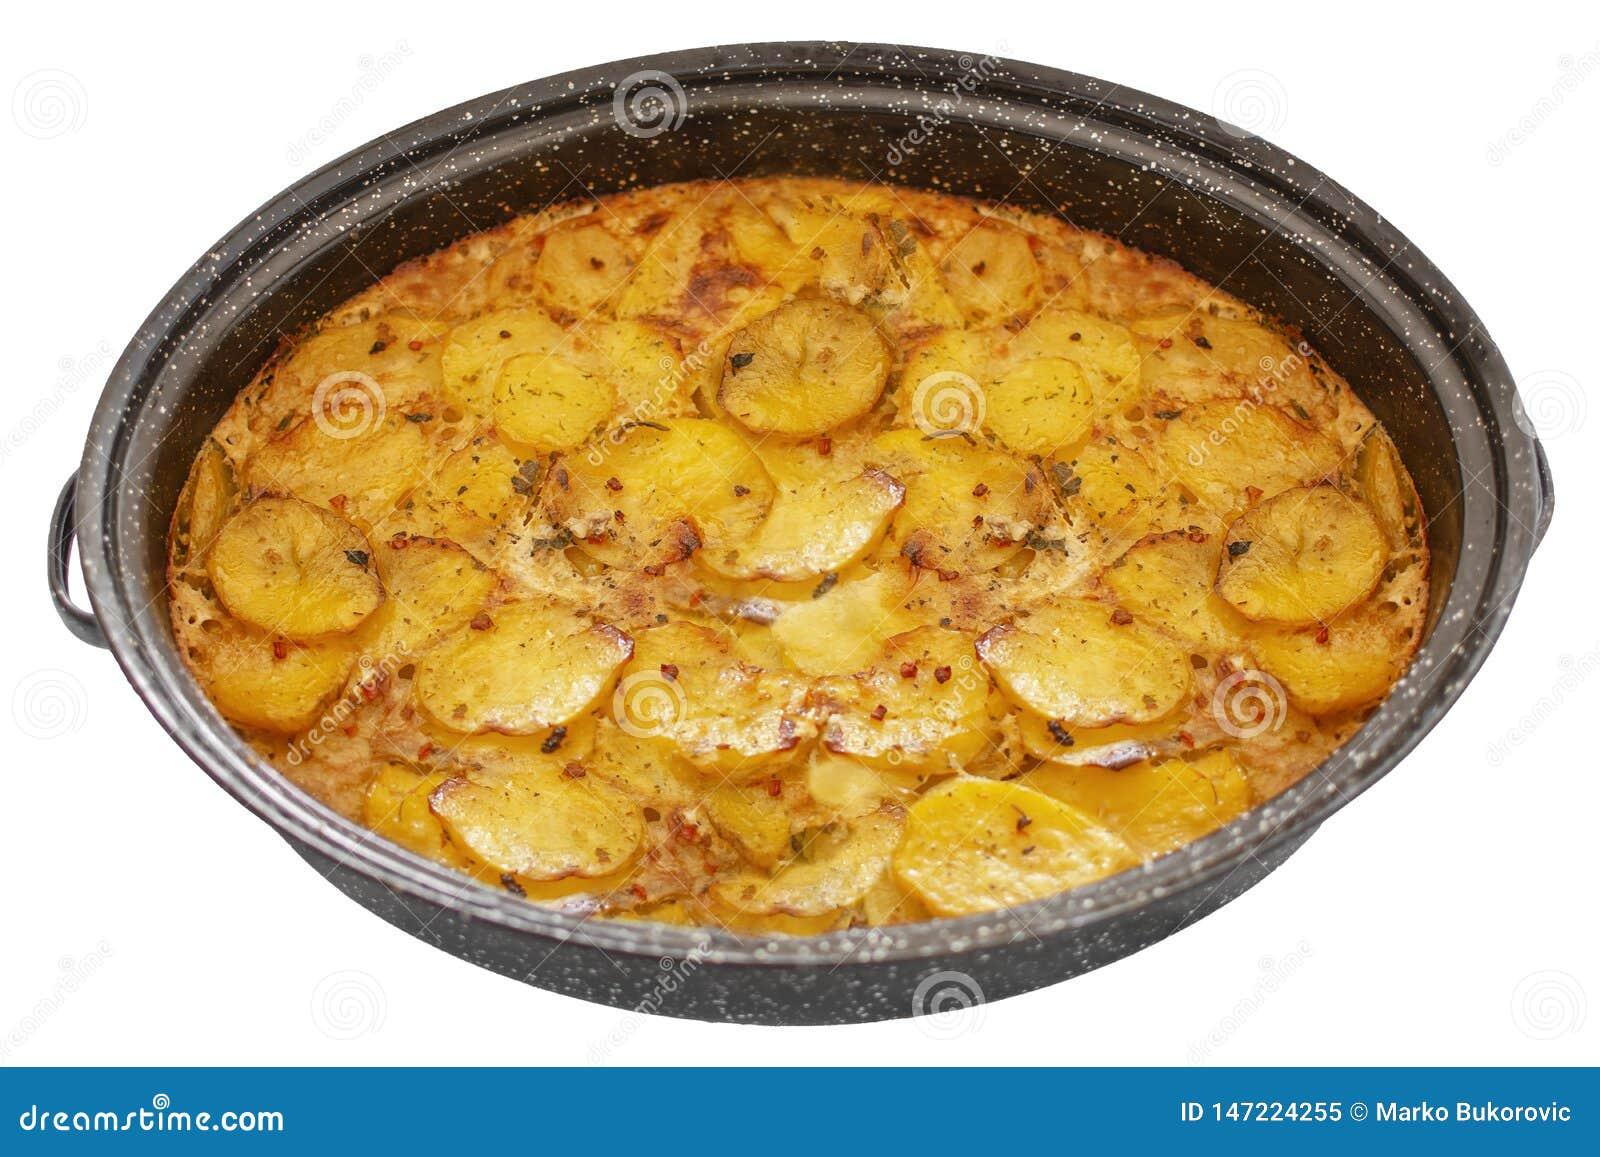 Servische schotelmousaka in een pot, Balkan keuken zoals traditionele geassorteerde die schotel op wit wordt geïsoleerd